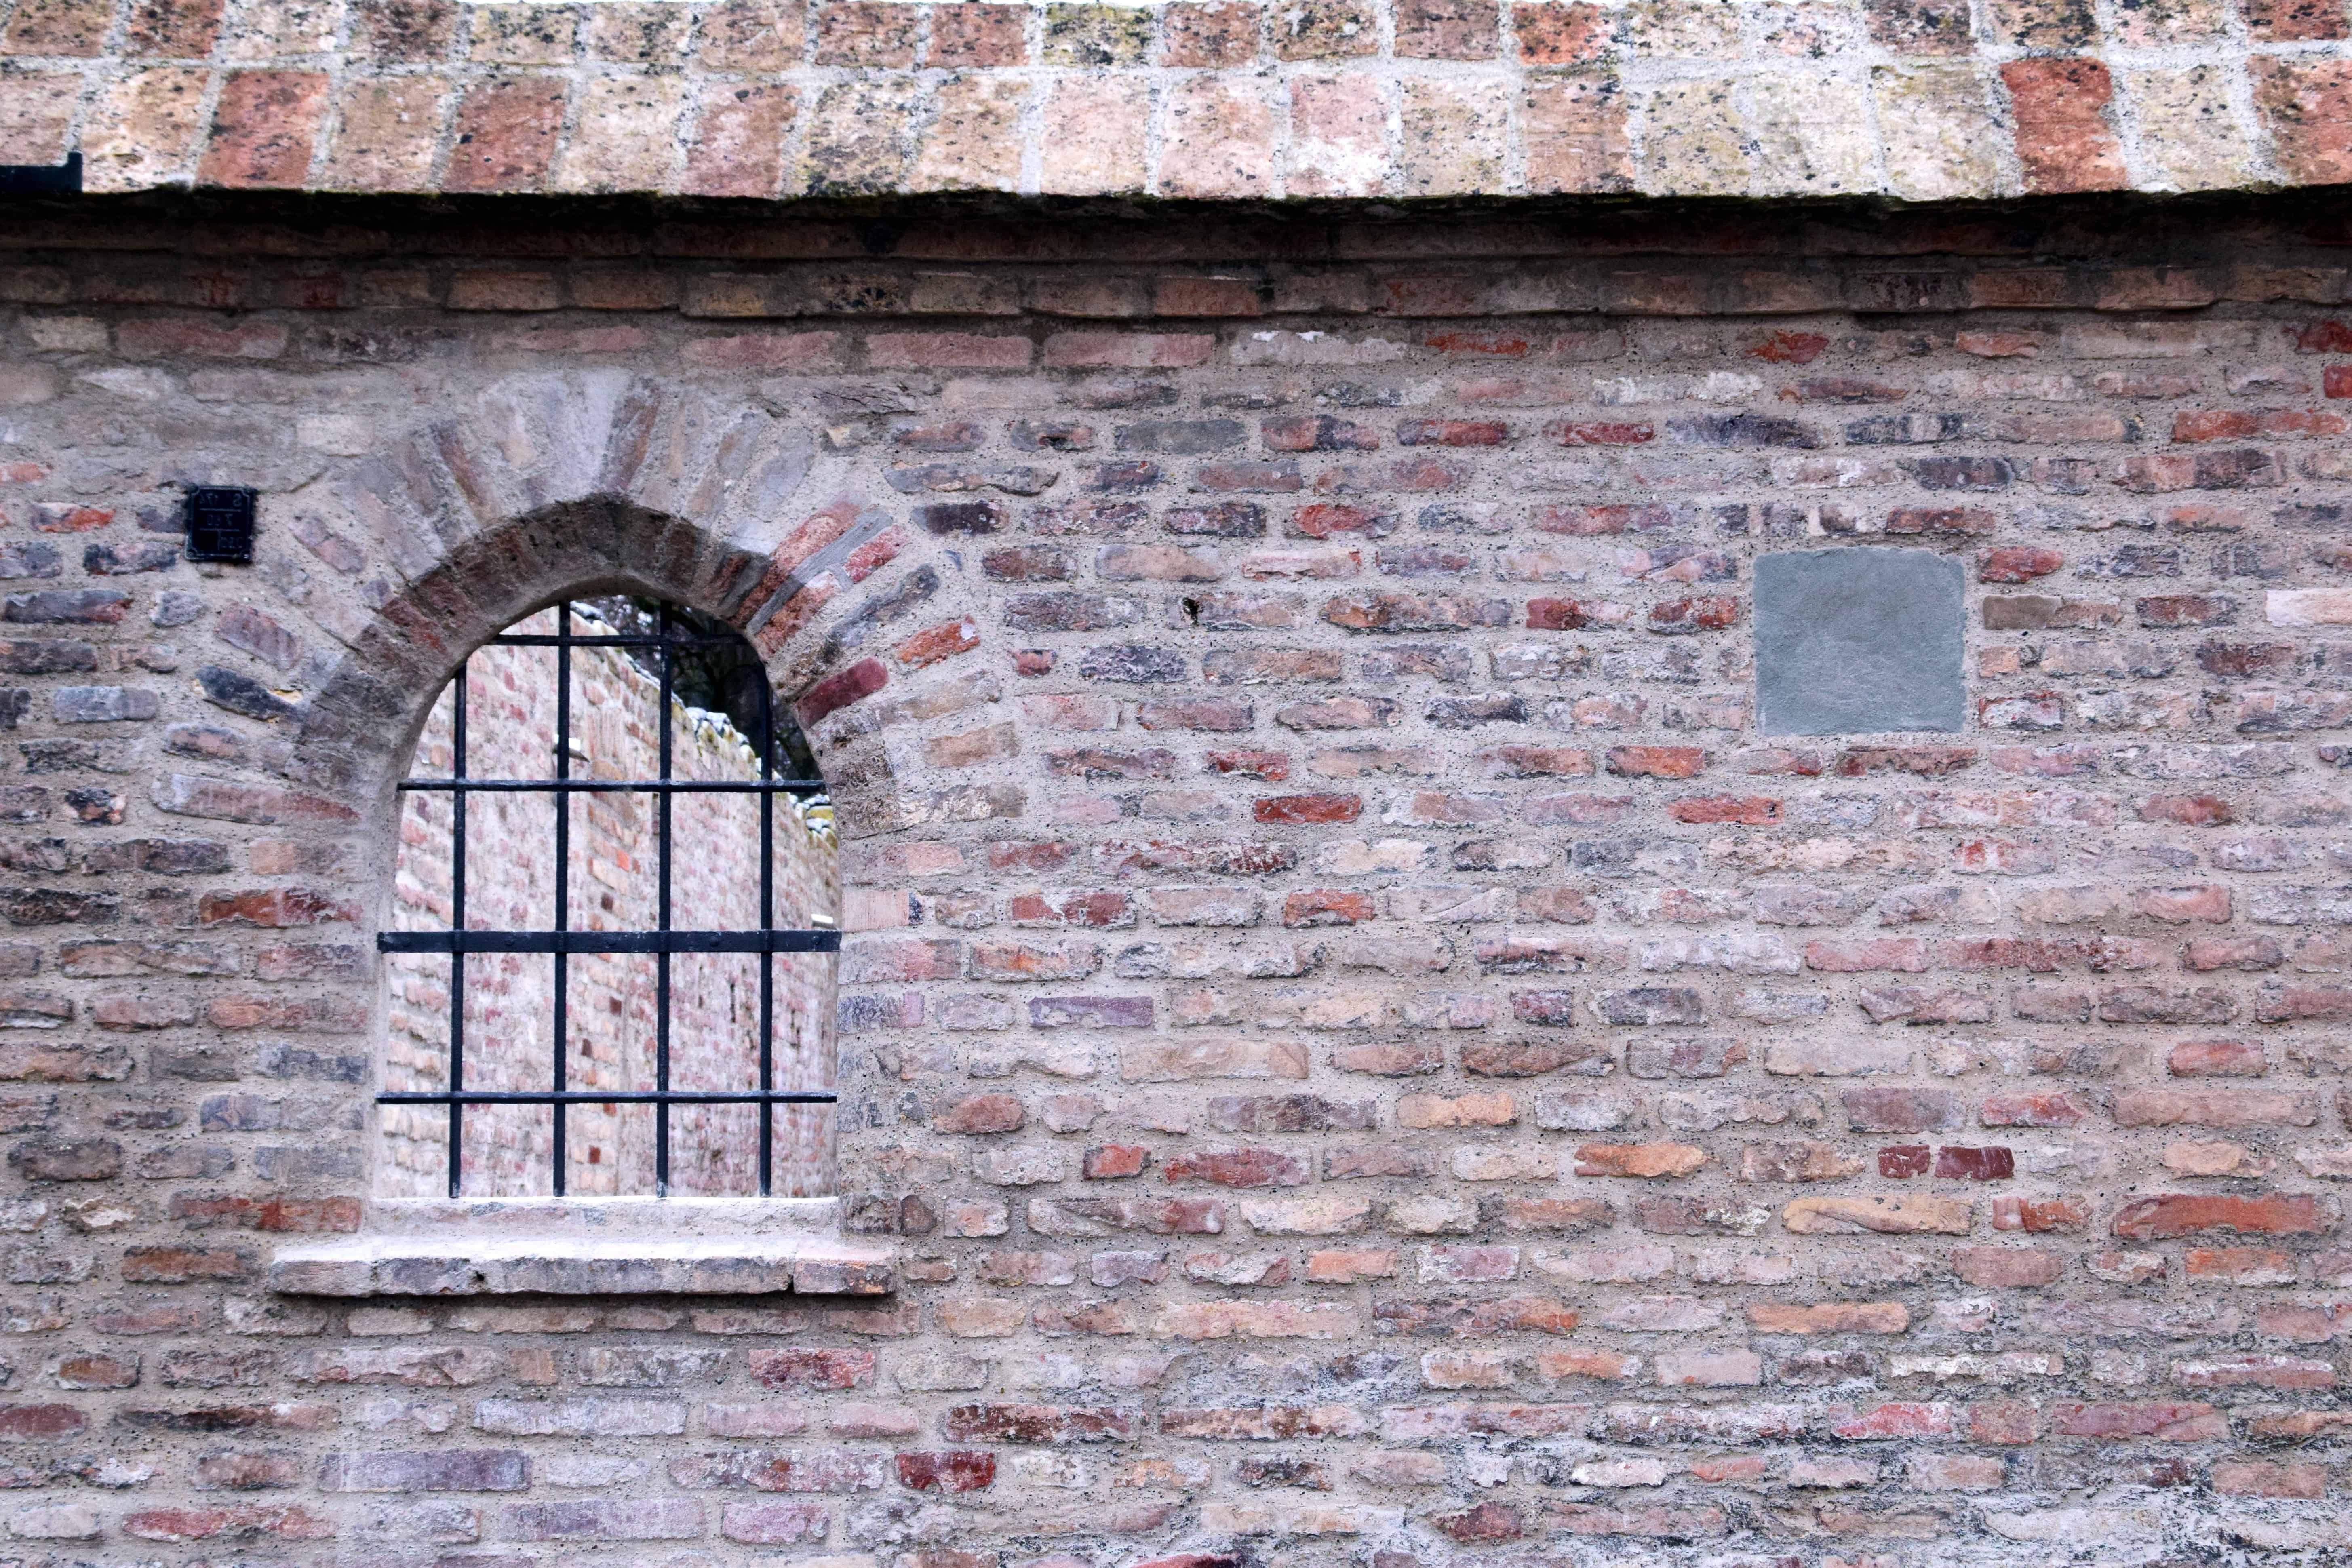 Bau, Wand, Alte, Ziegel, Architektur, Außen, Stein